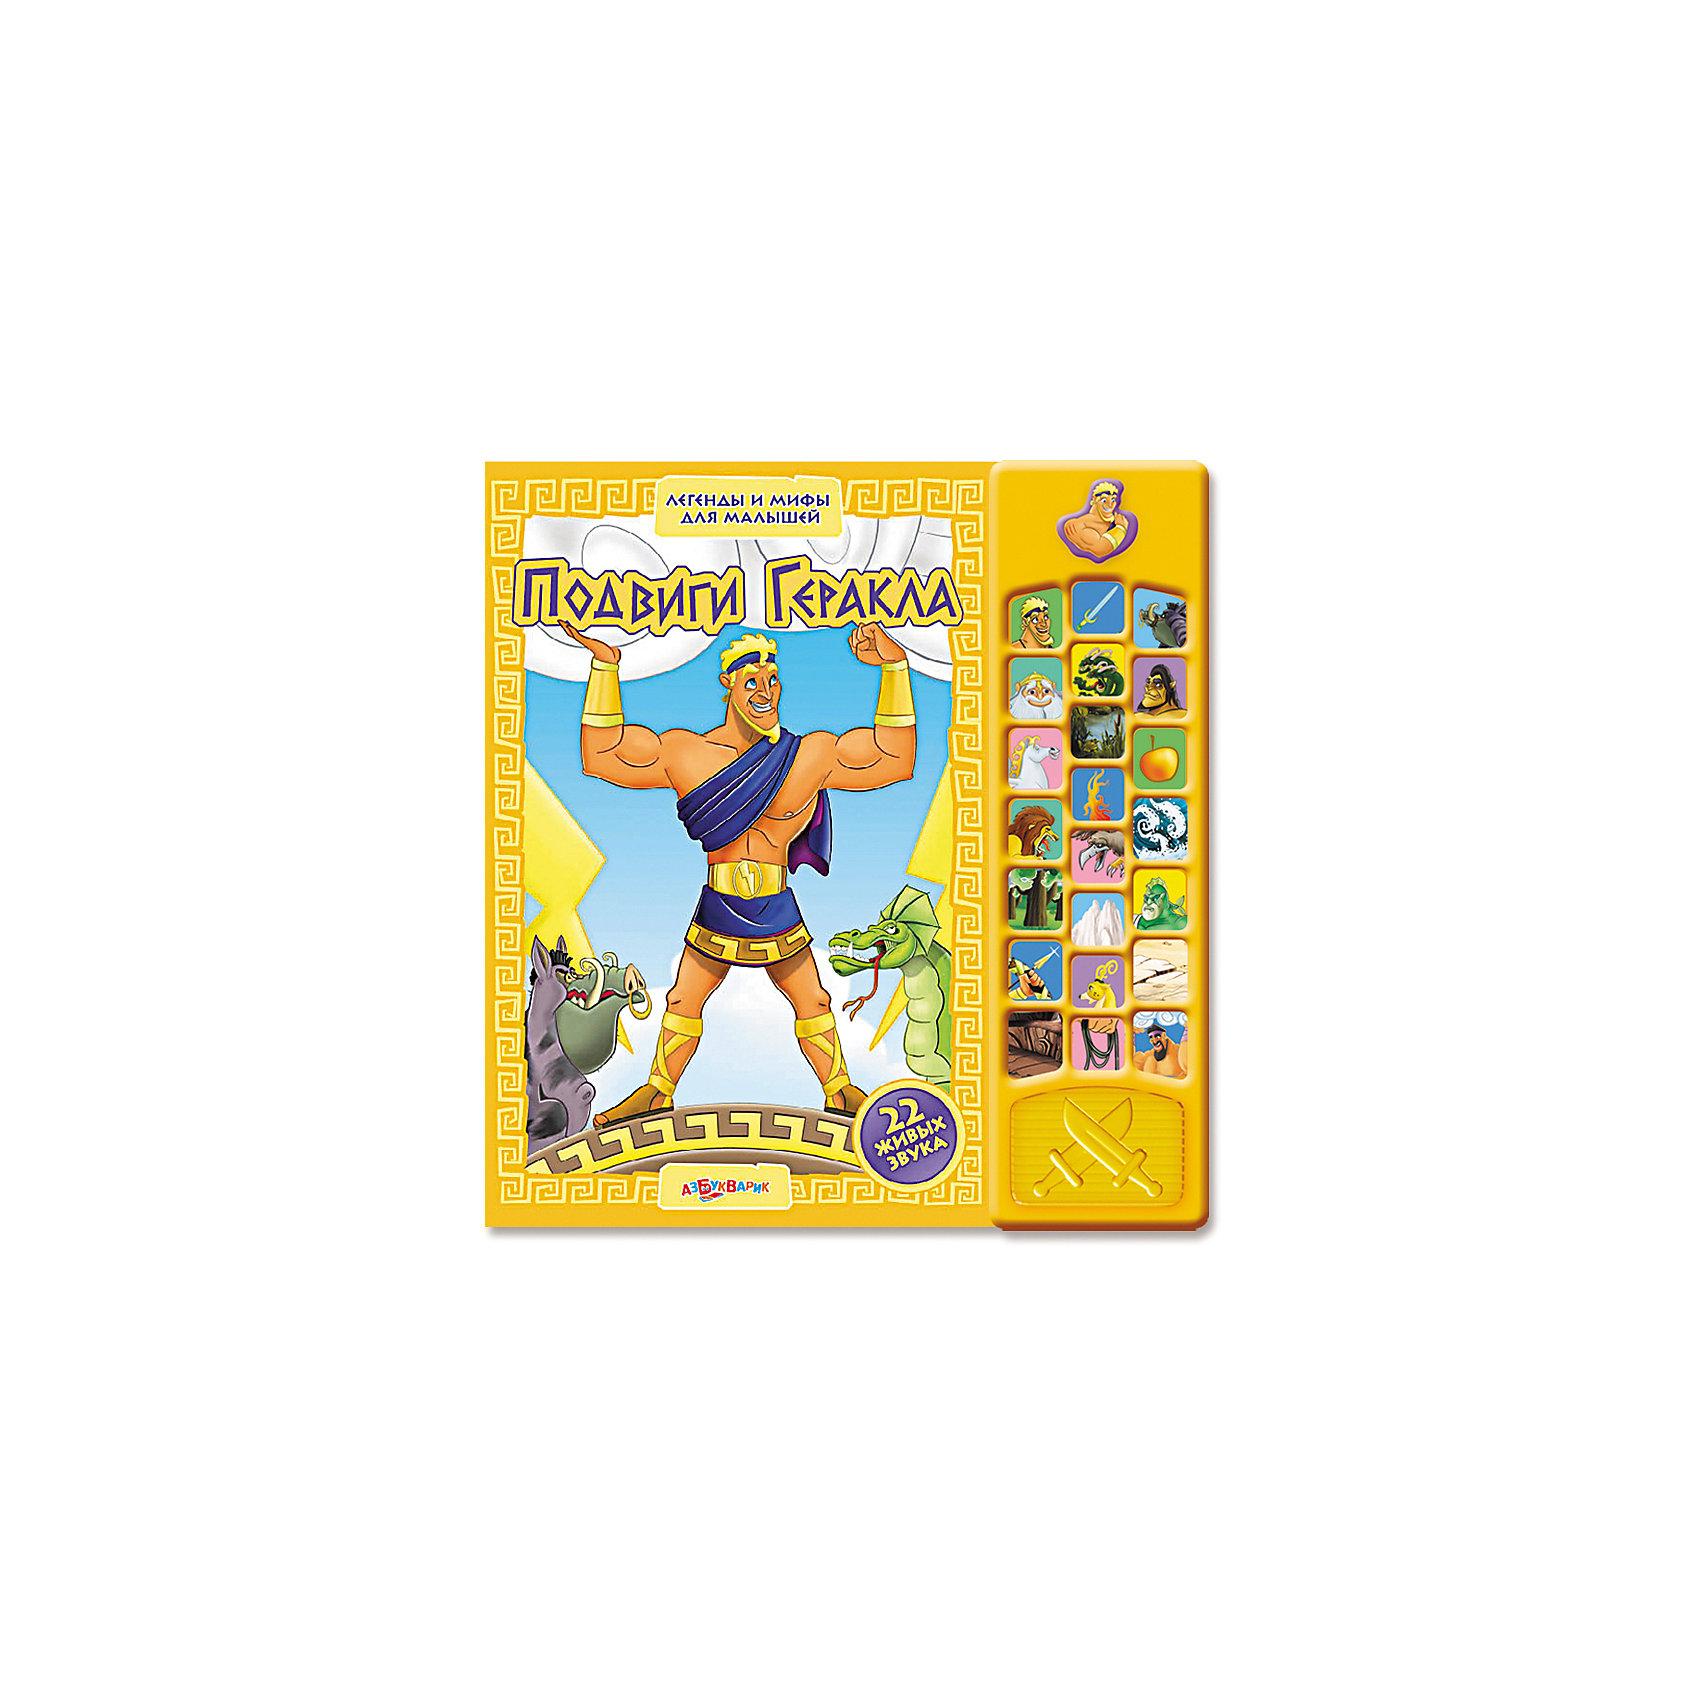 Подвиги ГераклаЭта замечательная книга перенесет ребёнка в мир Древней Греции, расскажет о богах и героях этой страны, познакомит с великими подвигами Геракла и услышит голоса могущественных богов, мифических созданий и другие интересные звуки.<br><br>Дополнительная информация:<br>  <br>- Переплет: картон.<br>- Формат: 26,6х28 см.<br>- Количество страниц: 14.<br>- Иллюстрации: цветные. <br>- Элемент питания: батарейки AG13/LR44 (в комплекте).<br><br>Книгу Подвиги Геракла можно купить в нашем магазине.<br><br>Ширина мм: 265<br>Глубина мм: 150<br>Высота мм: 20<br>Вес г: 662<br>Возраст от месяцев: 12<br>Возраст до месяцев: 36<br>Пол: Унисекс<br>Возраст: Детский<br>SKU: 4603674